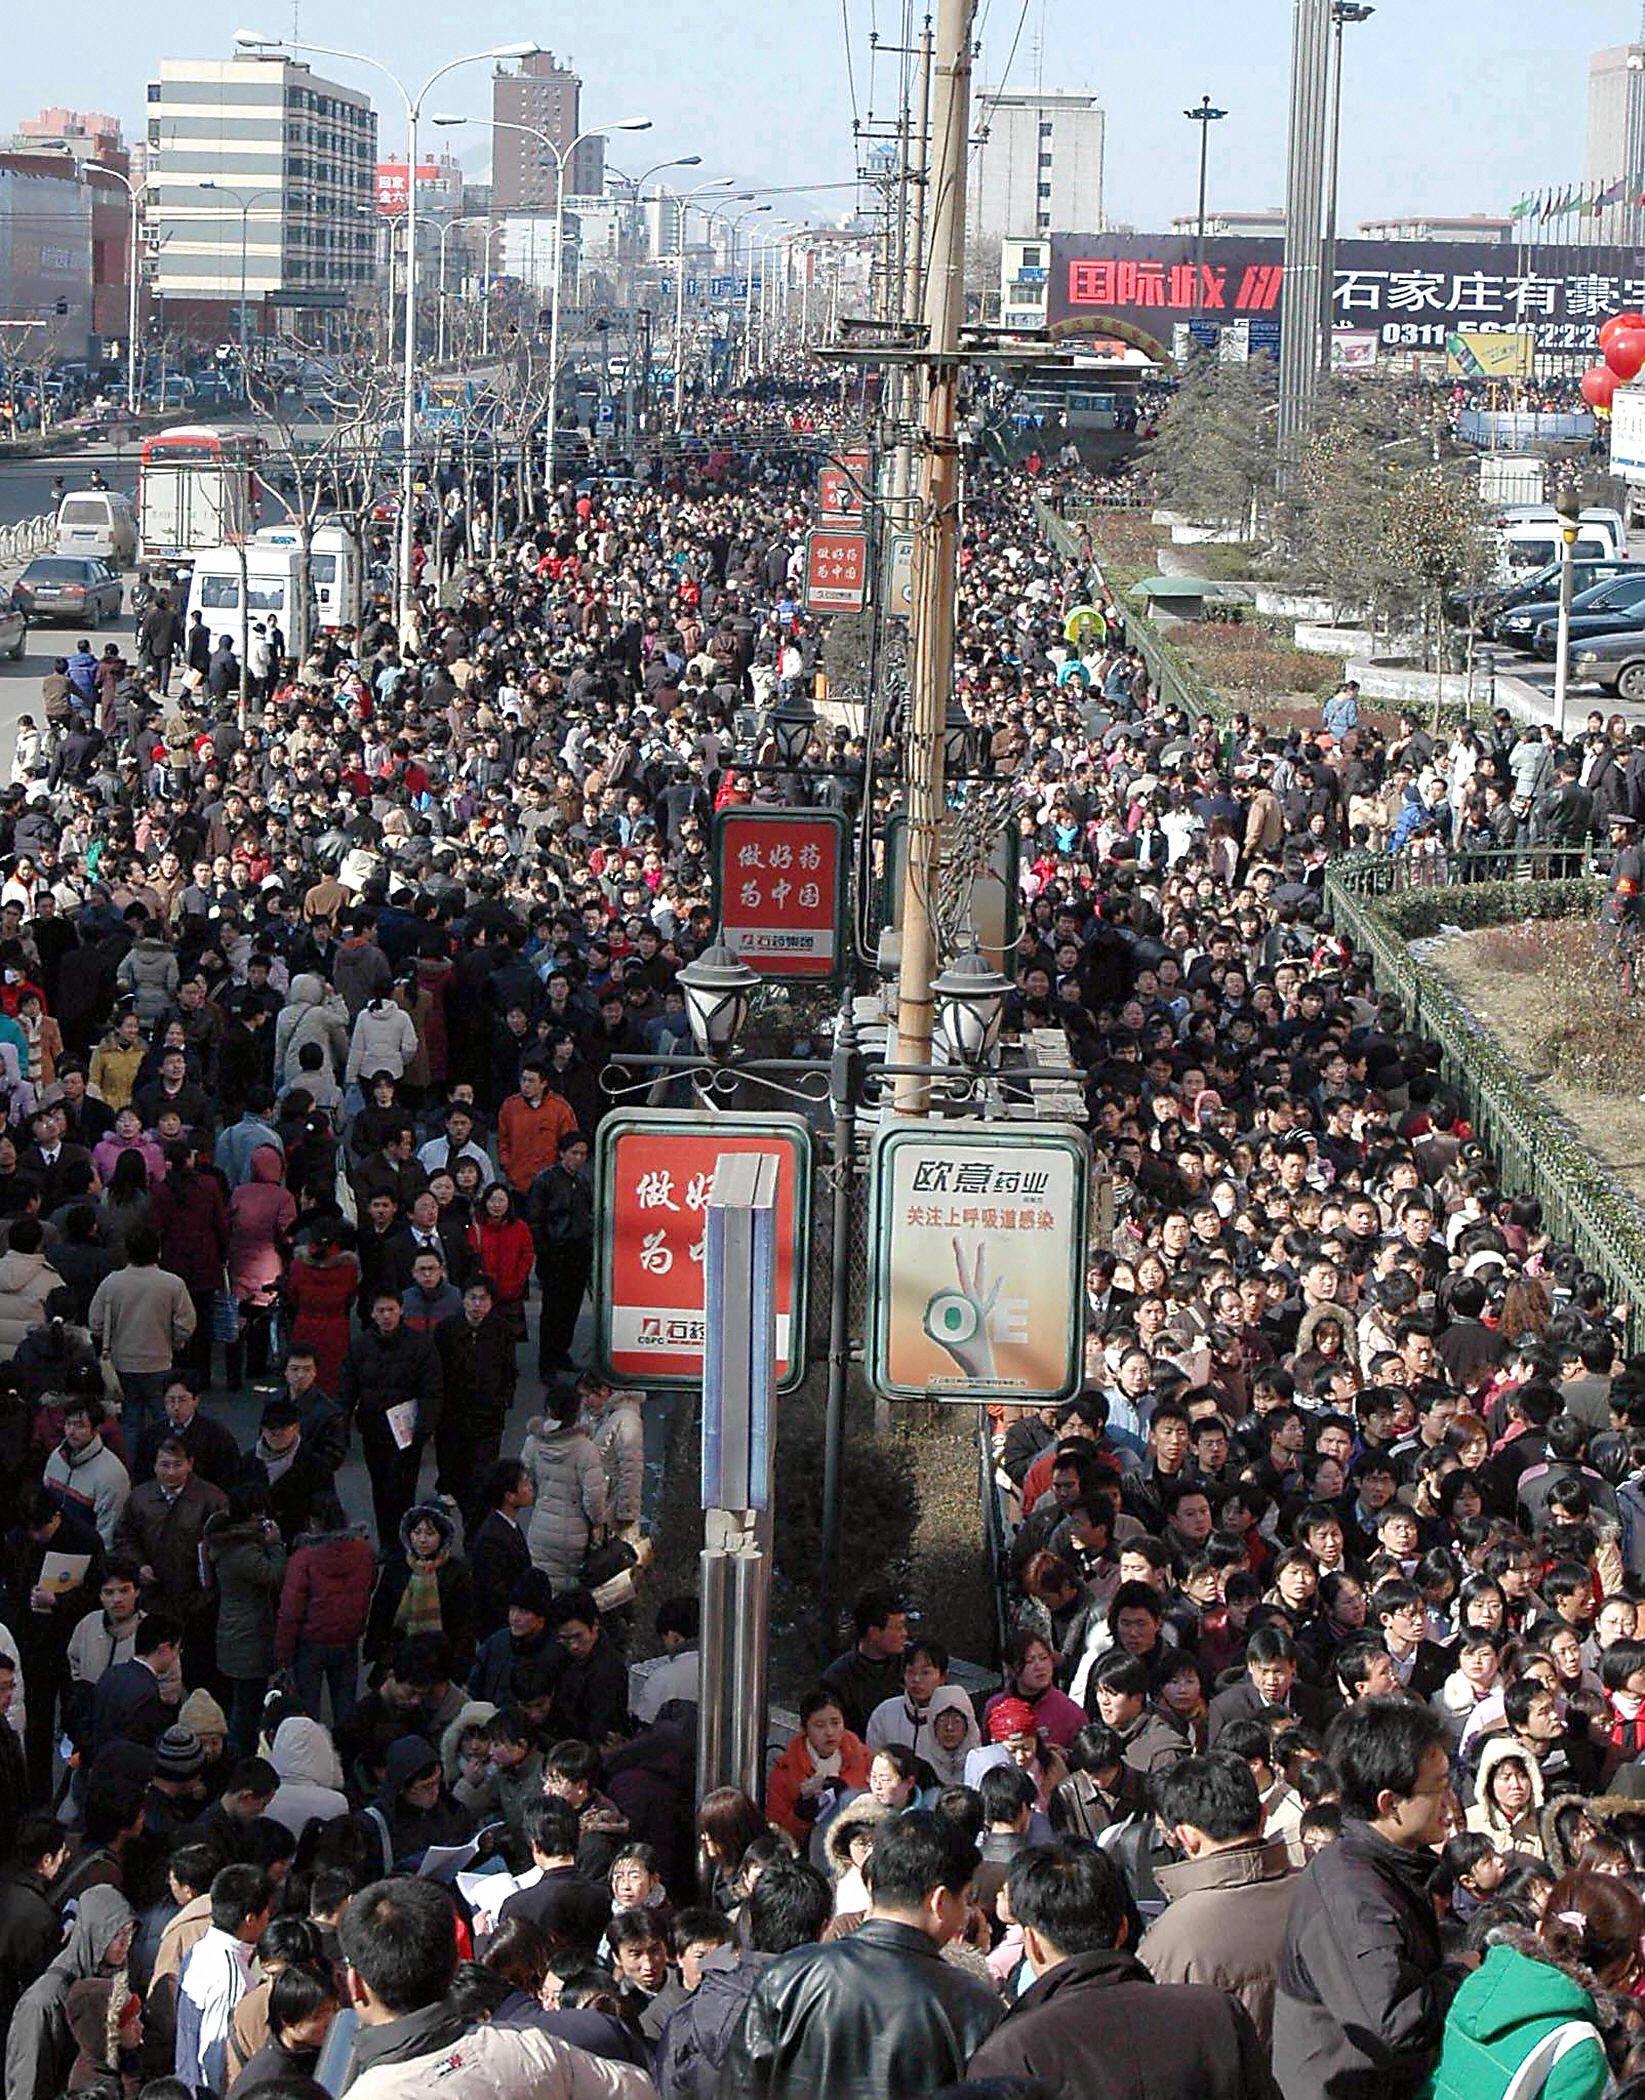 數以萬計找工作的民眾。(Getty Image)